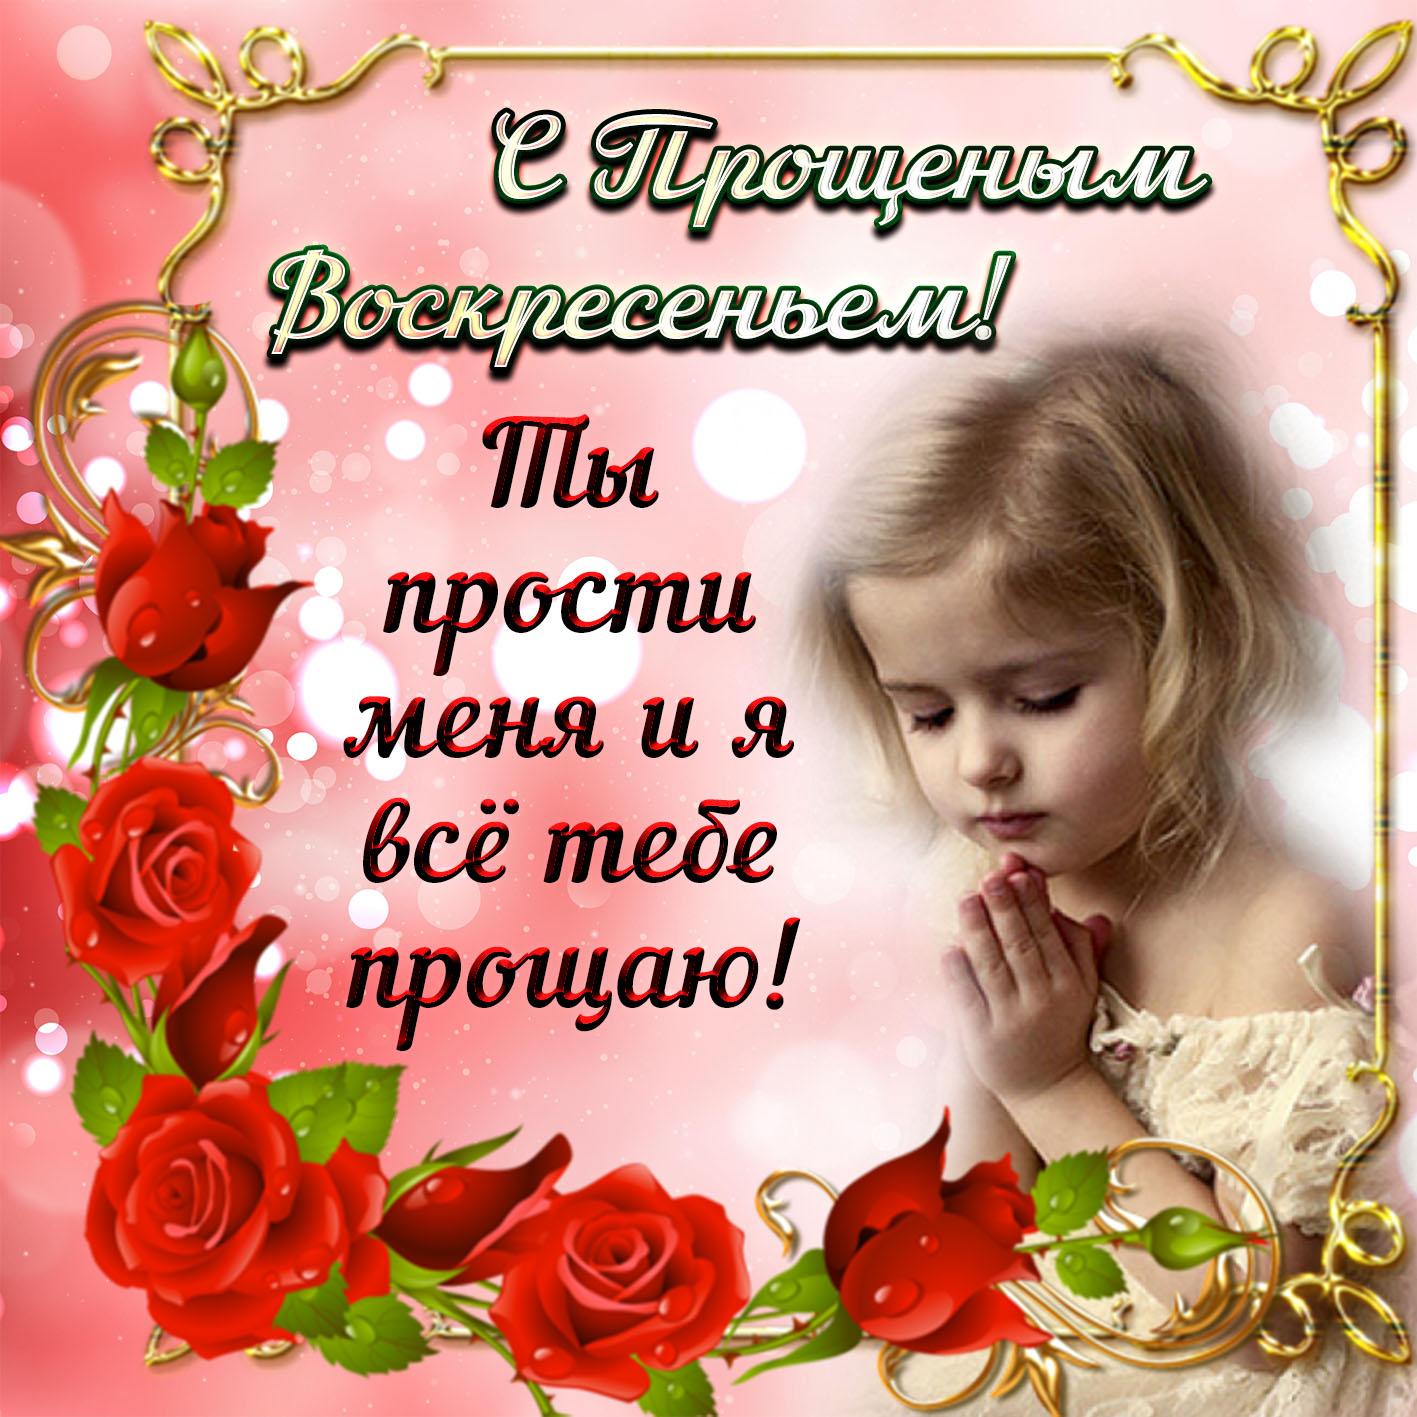 Картинка на Прощеное Воскресенье с розами